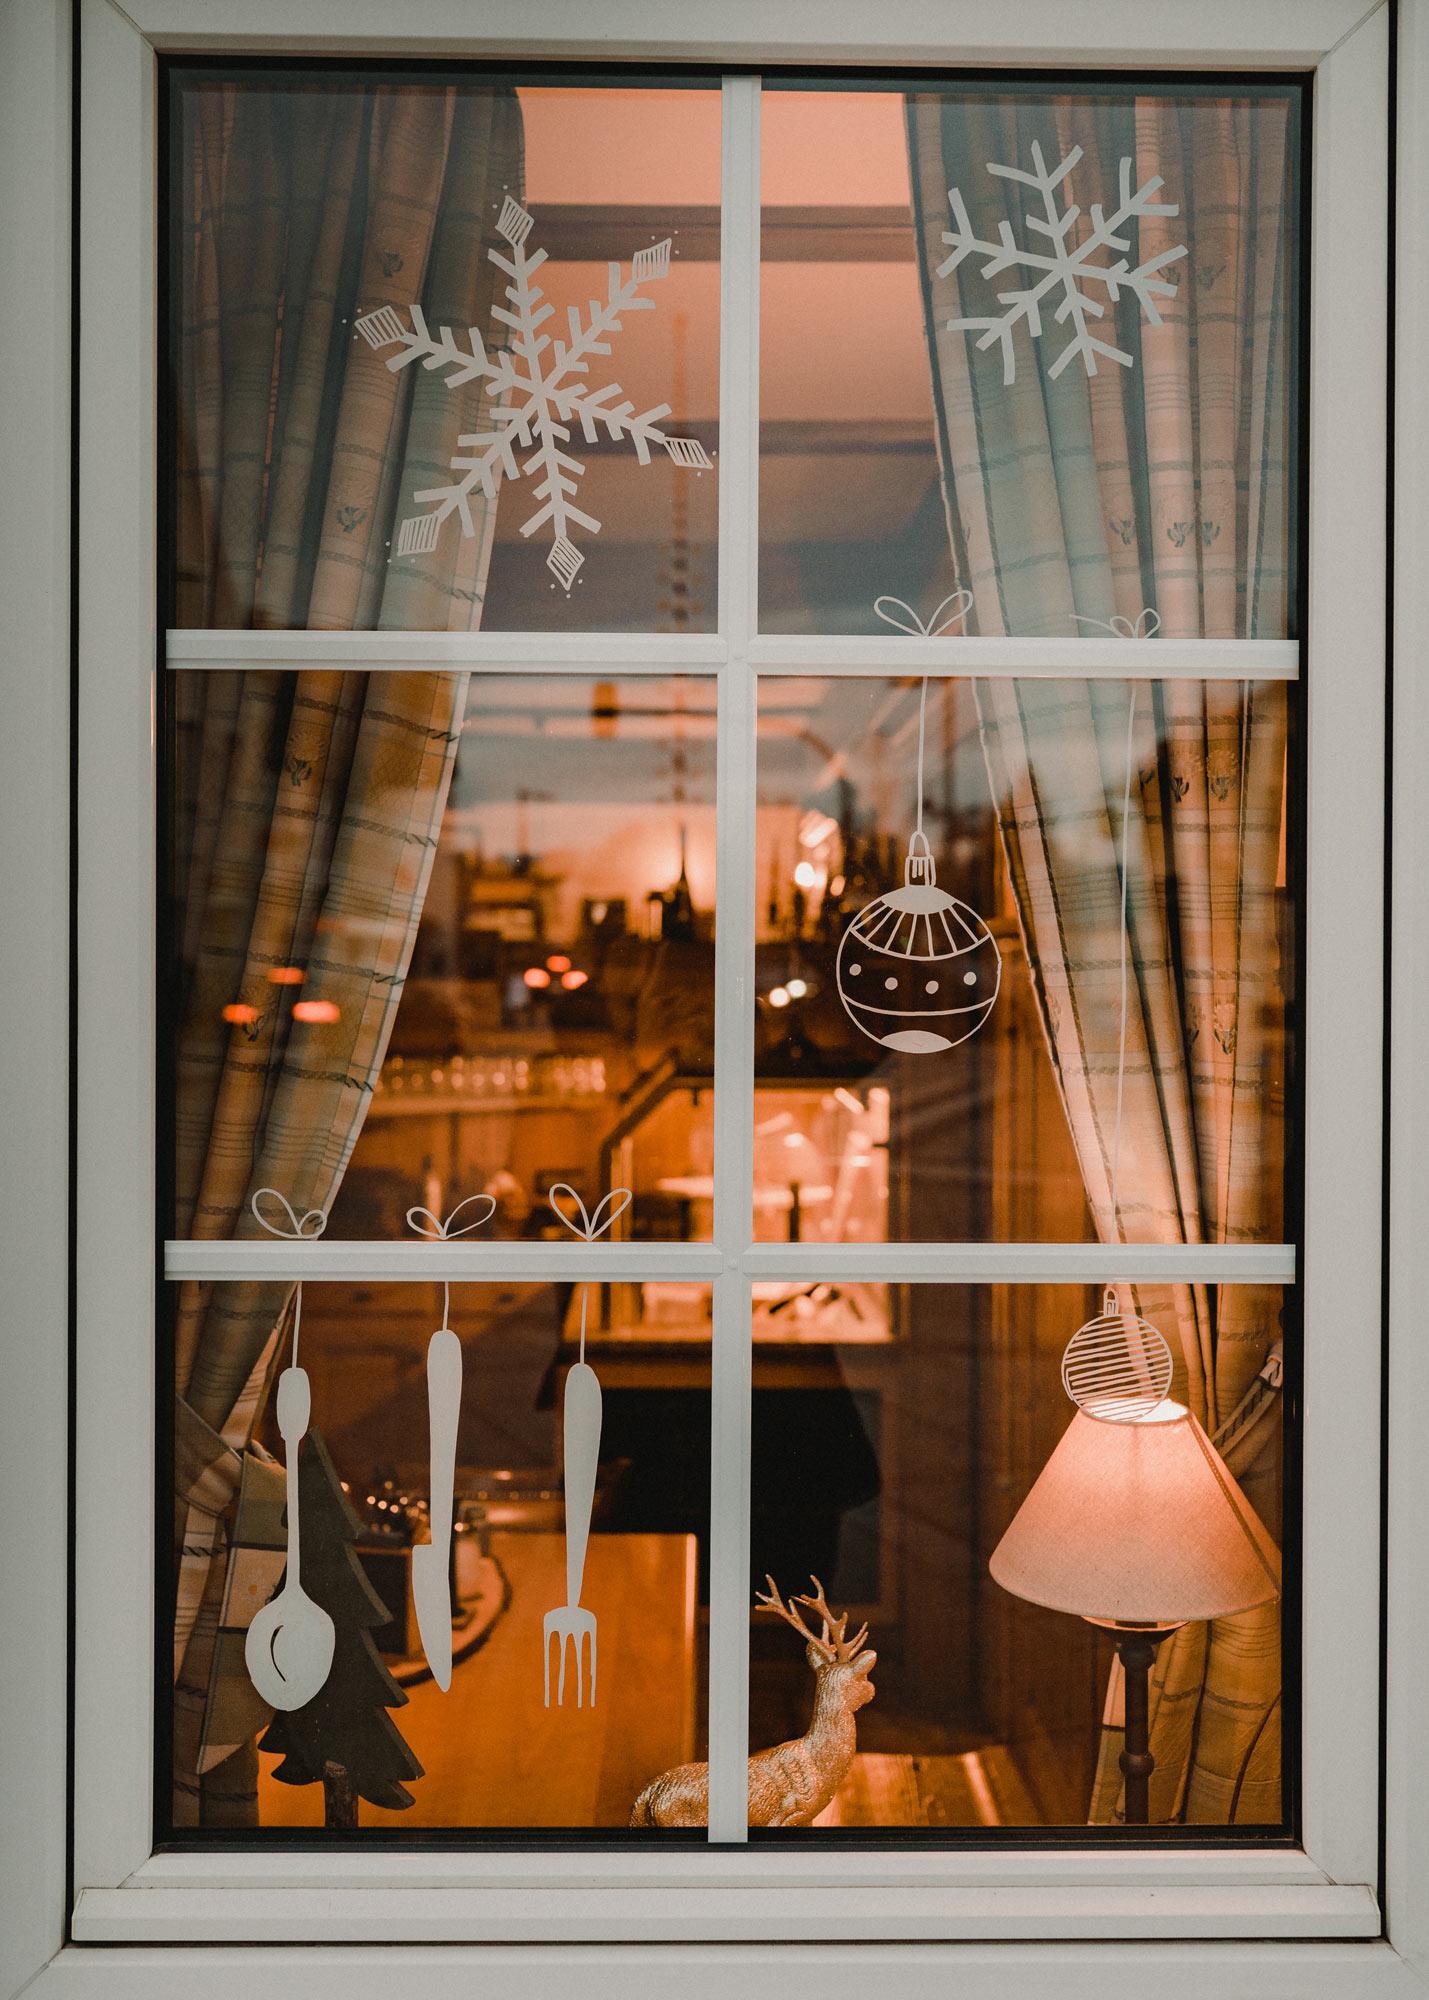 Gasthausfenster mit weißer Bemalung: Besteck, Schneeflocken und Christbaumkugeln.